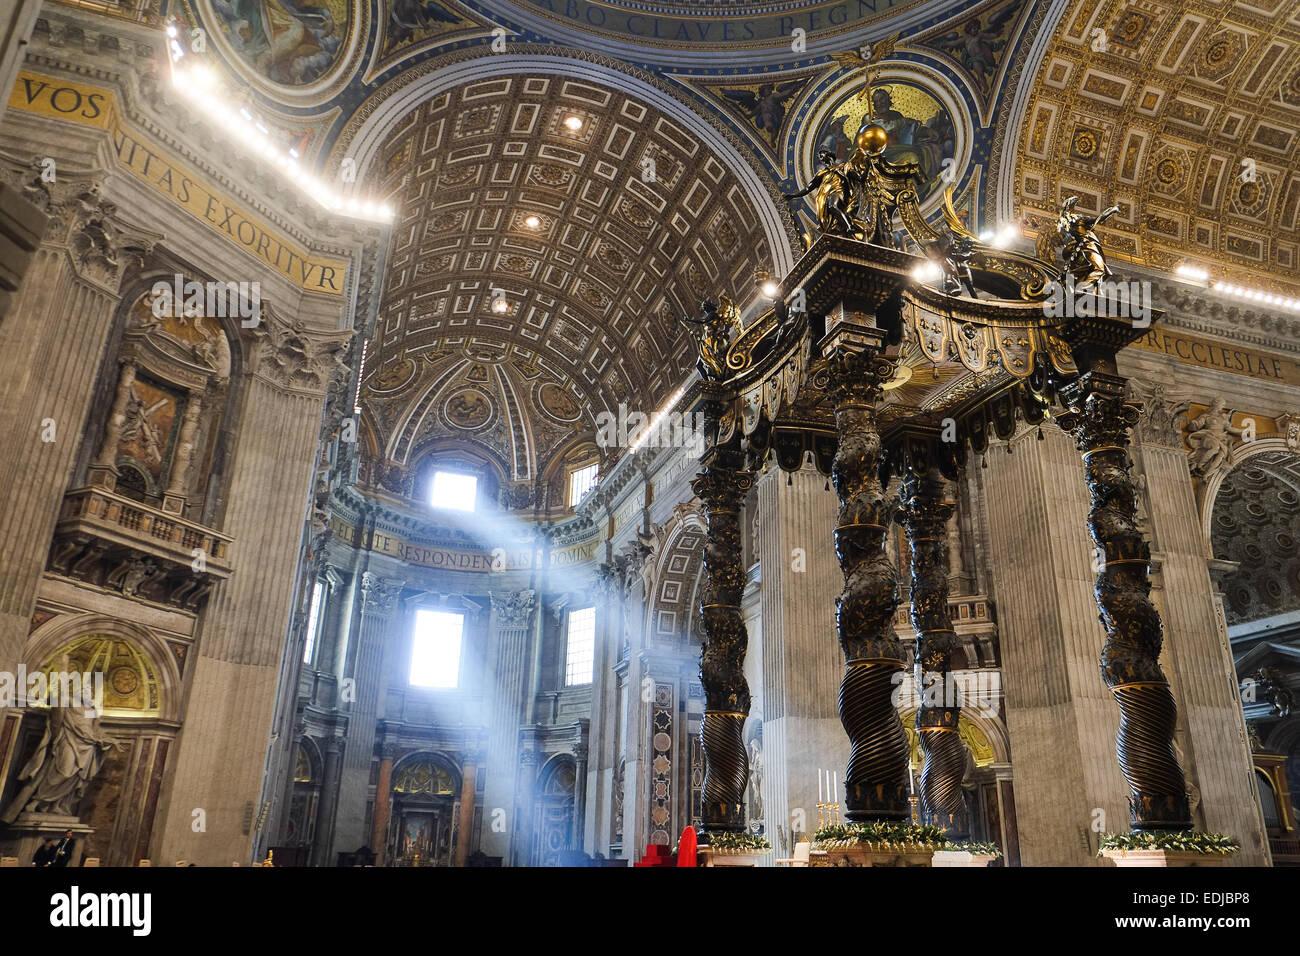 Ciudad del Vaticano. 06Th ene, 2015. La Santa Misa de la Epifanía, el Papa Francisco Crédito: Realmente fácil Star/Alamy Foto de stock